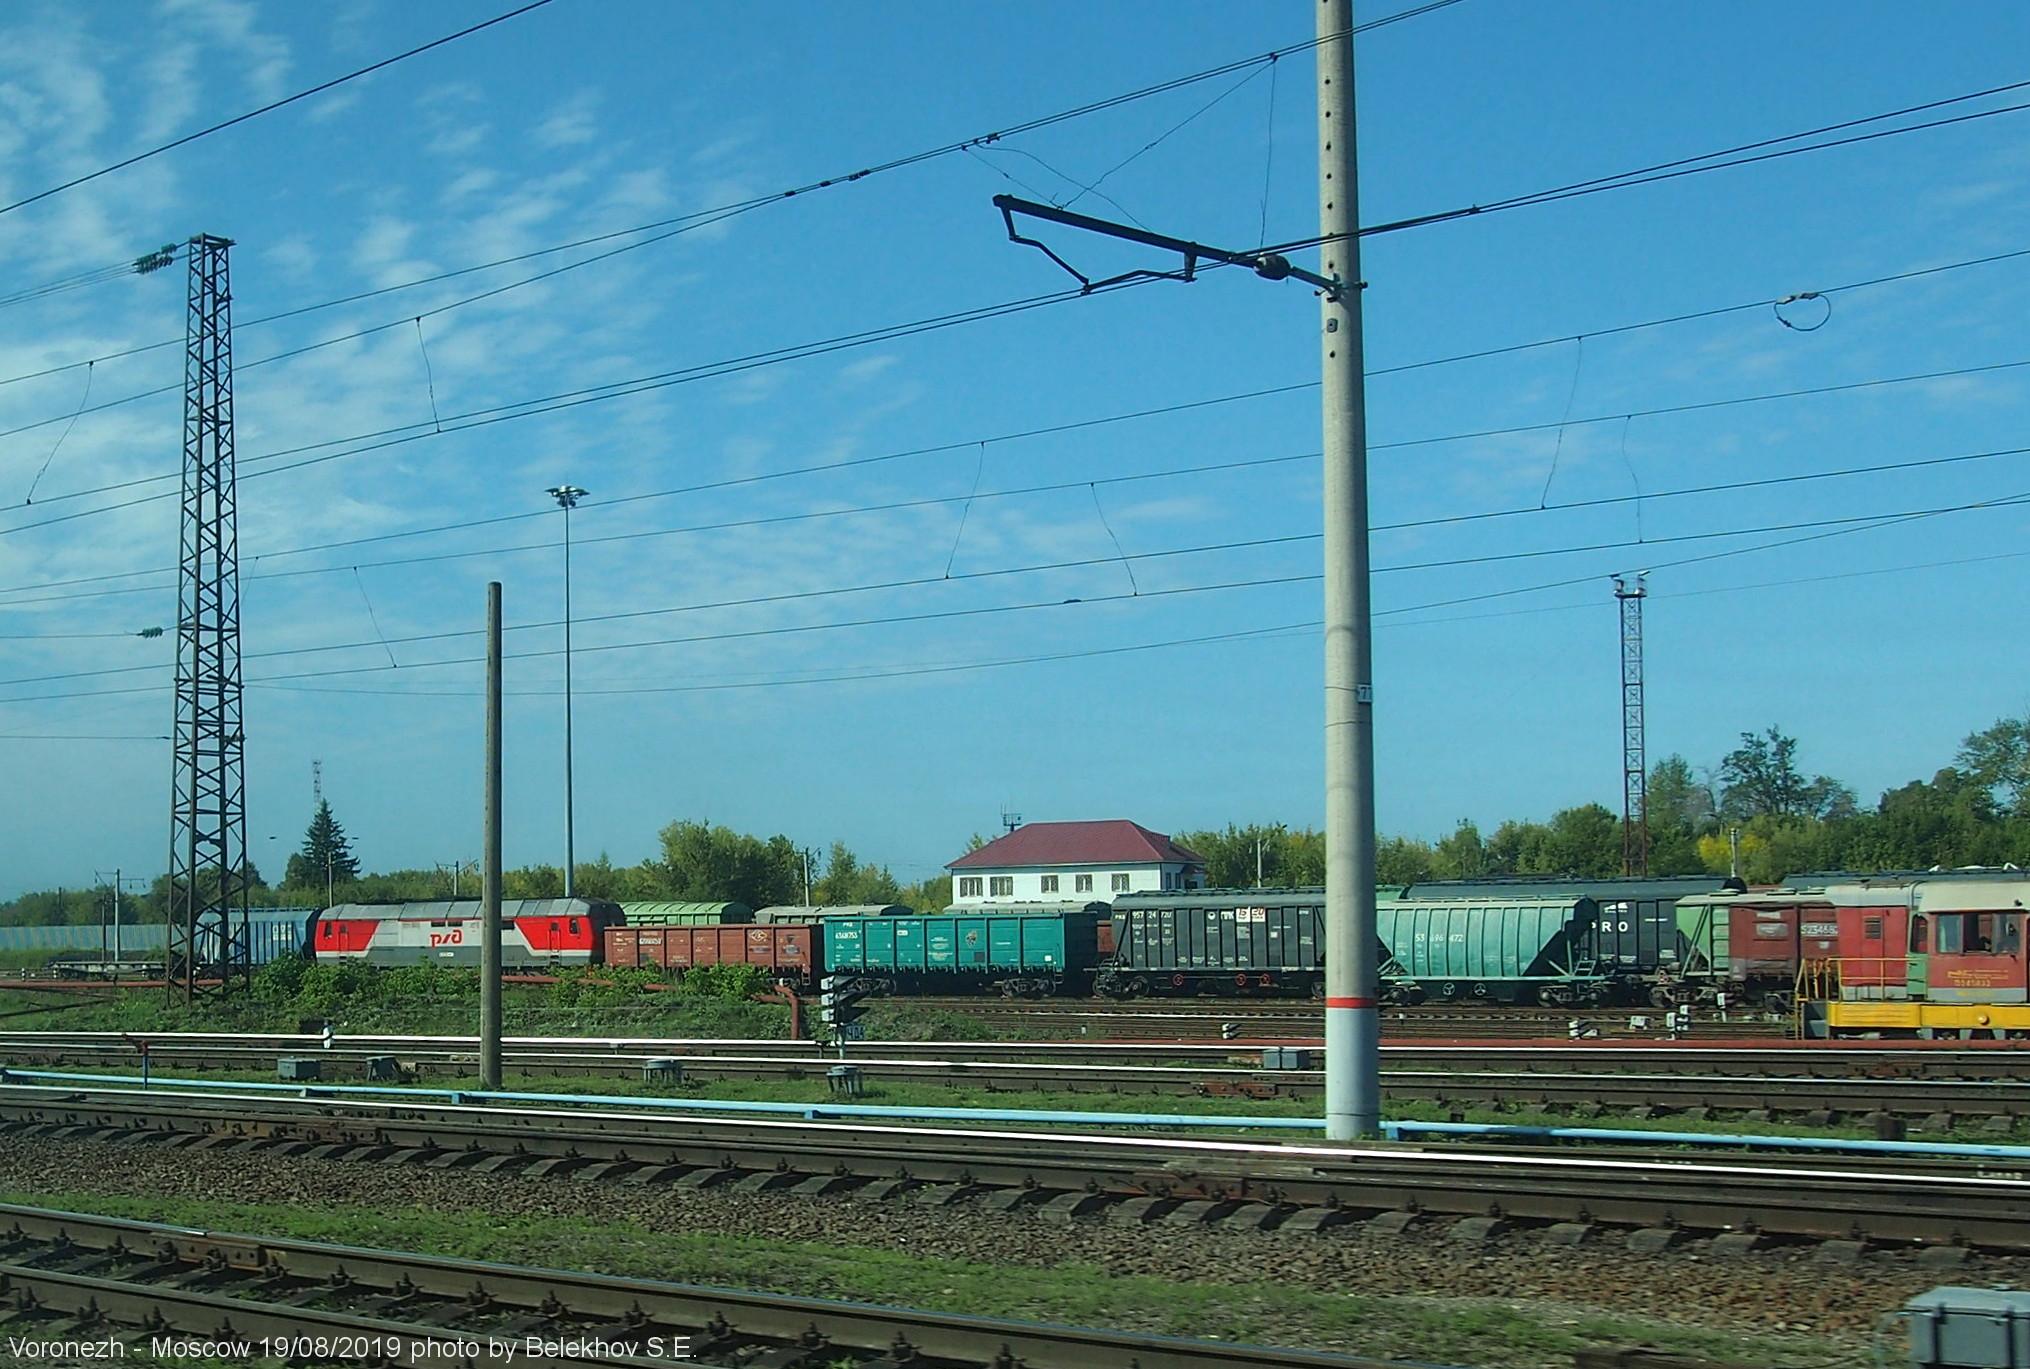 железная дорога, сквозь окно, Воронеж - Москва